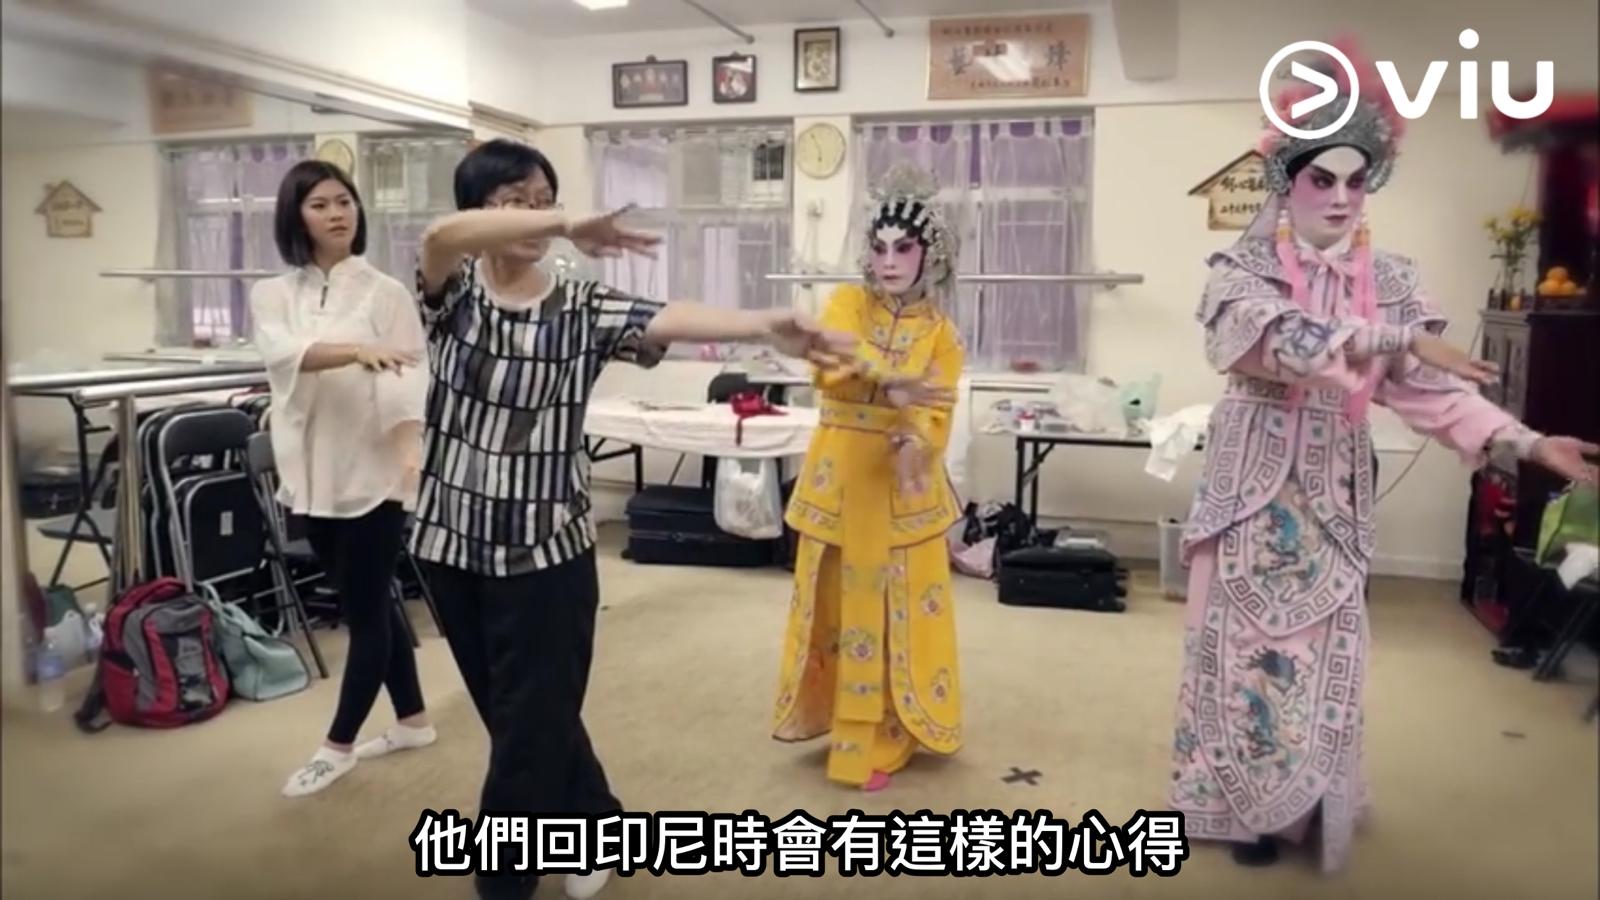 鄧上文帶領印尼女星娜綺拉諾兒體驗正統粵劇。